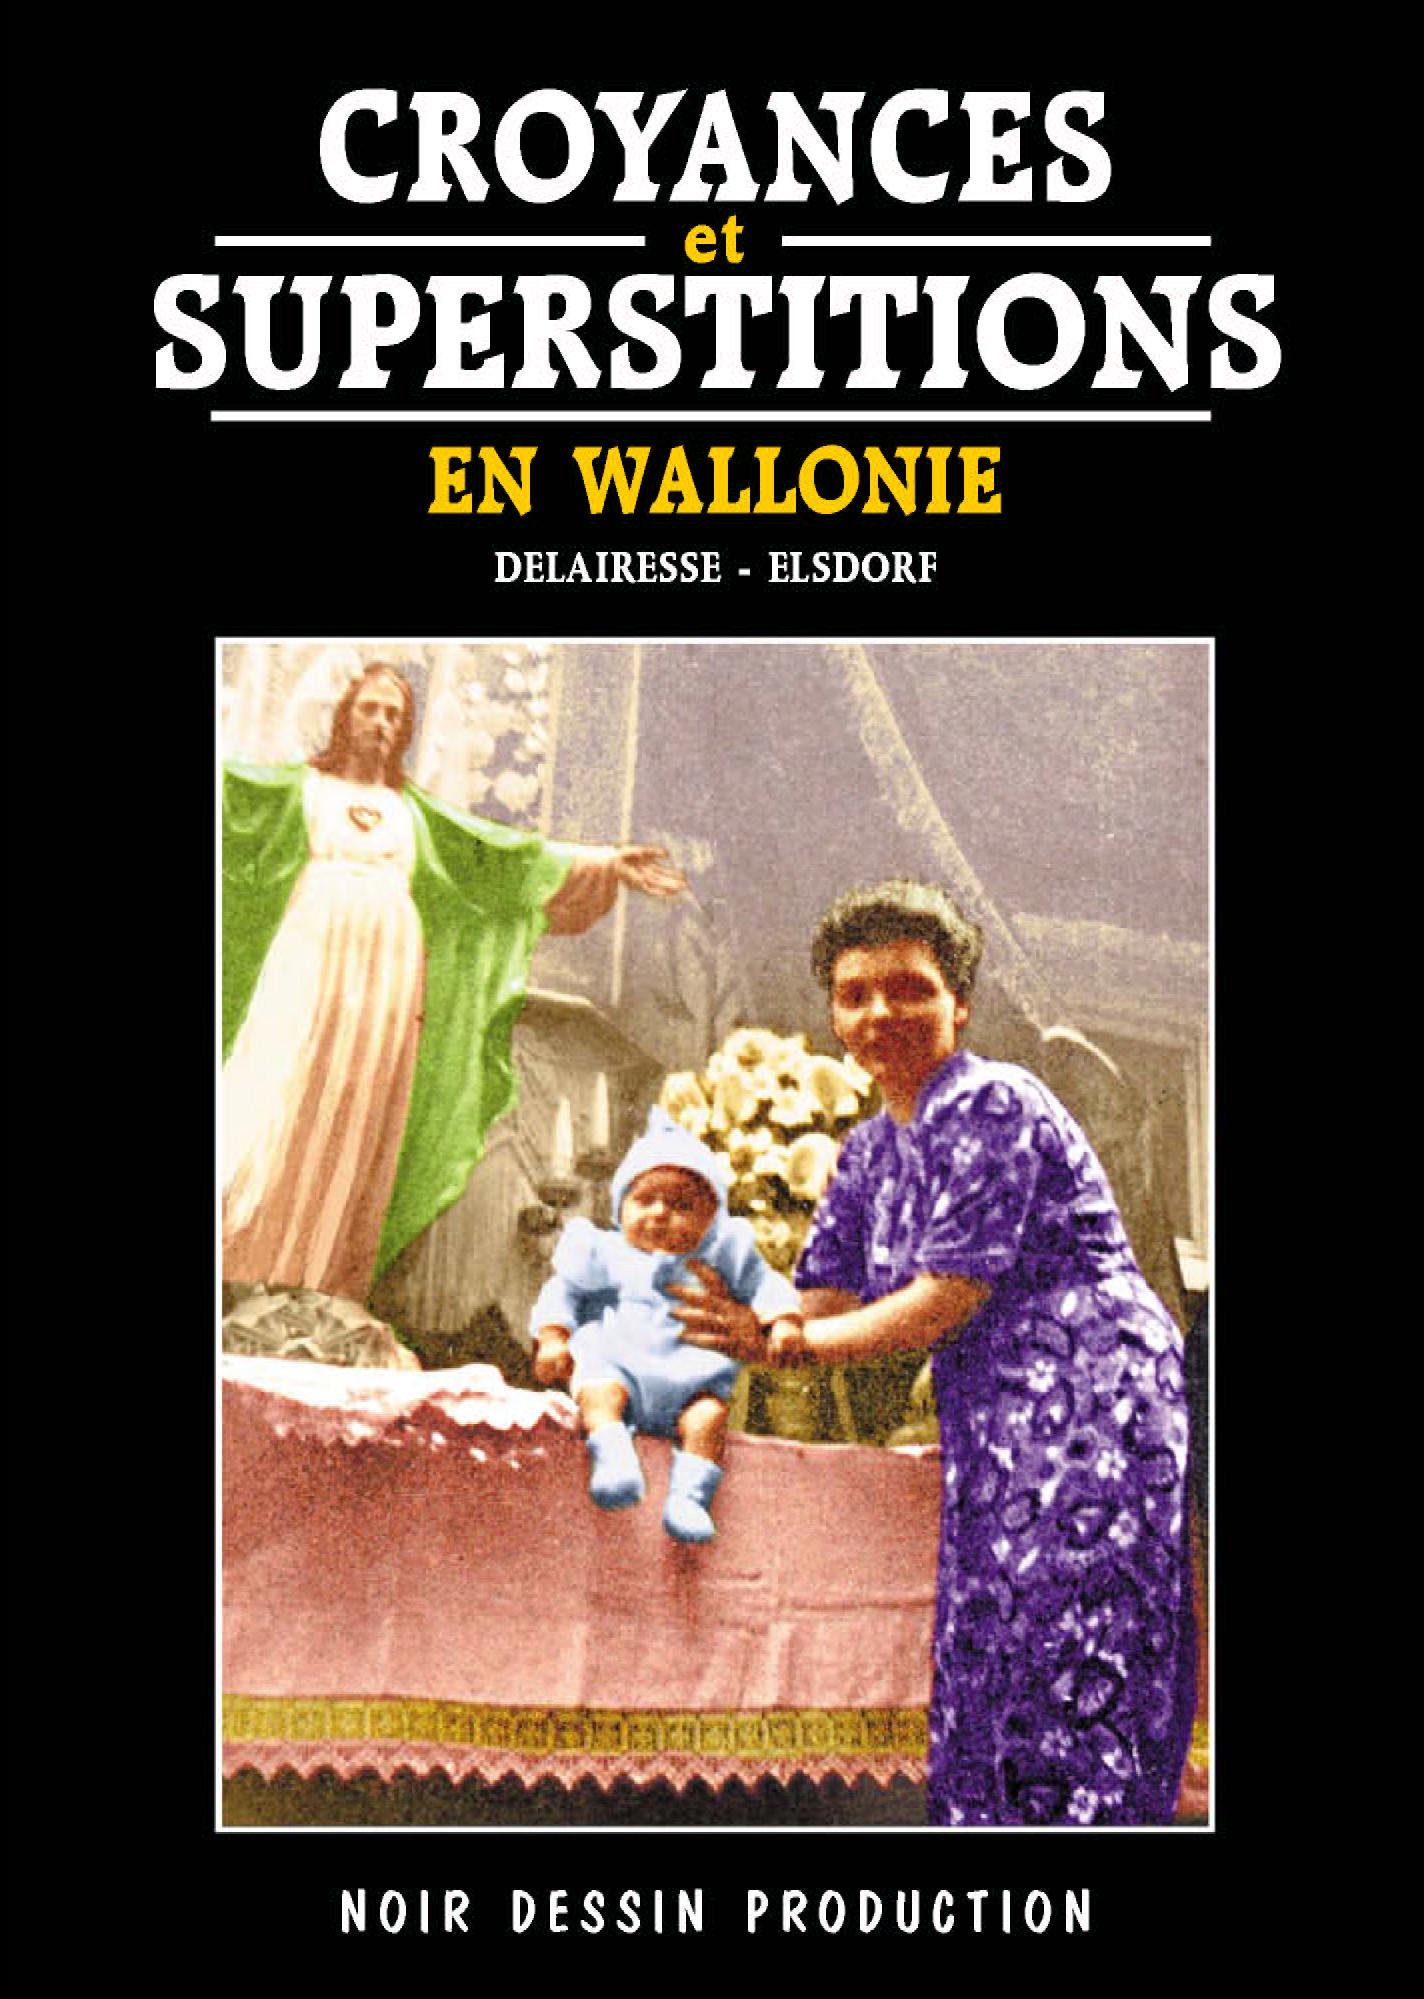 Croyances et superstitions